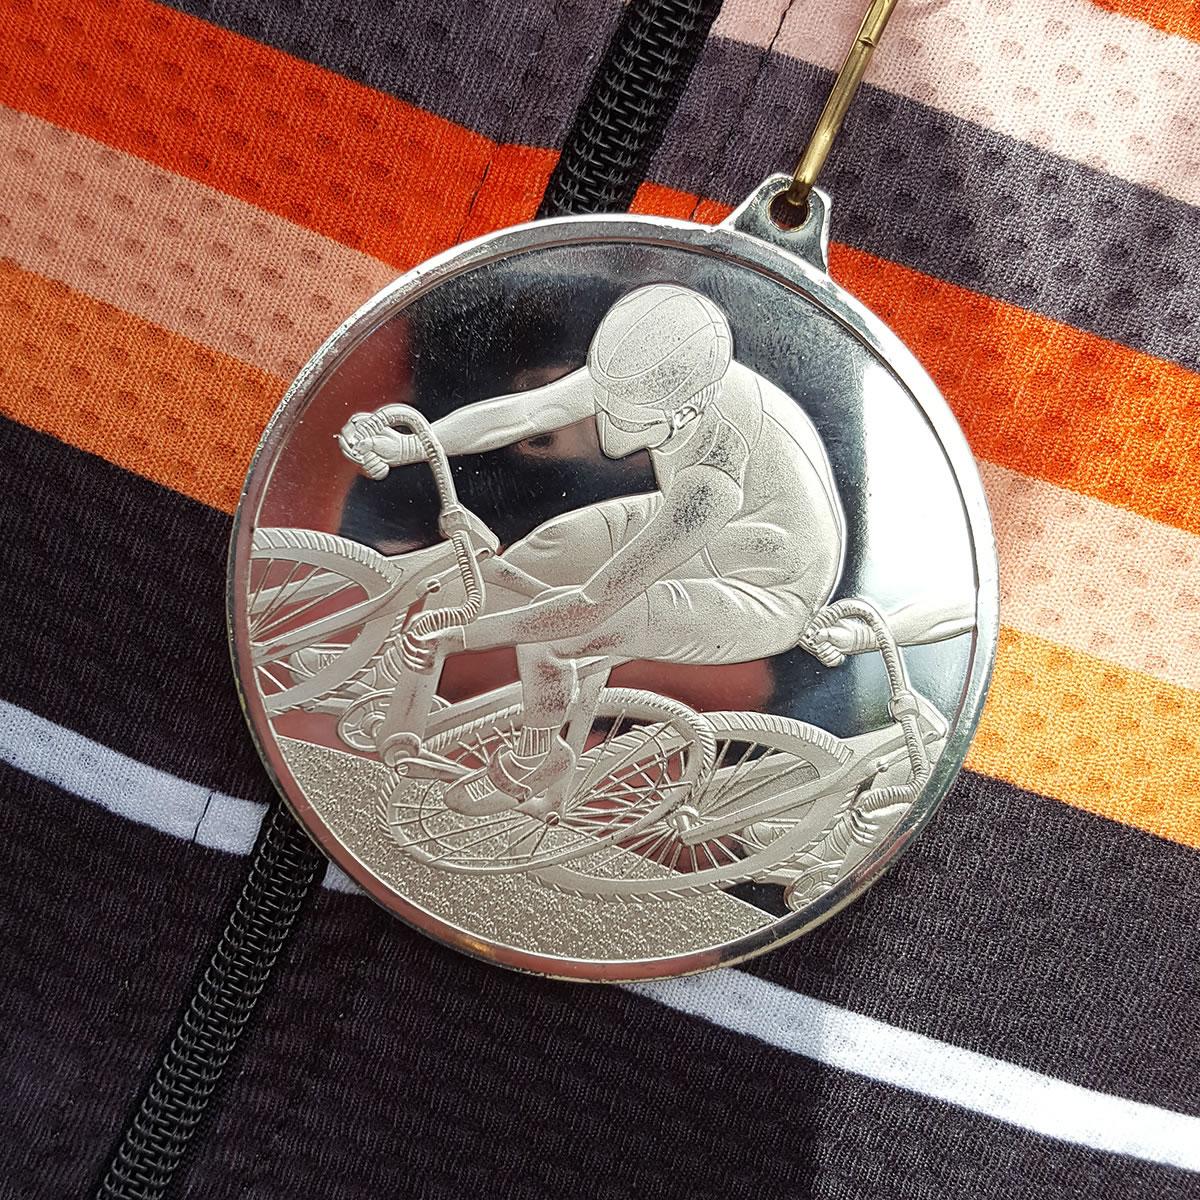 silver medal time trial winner